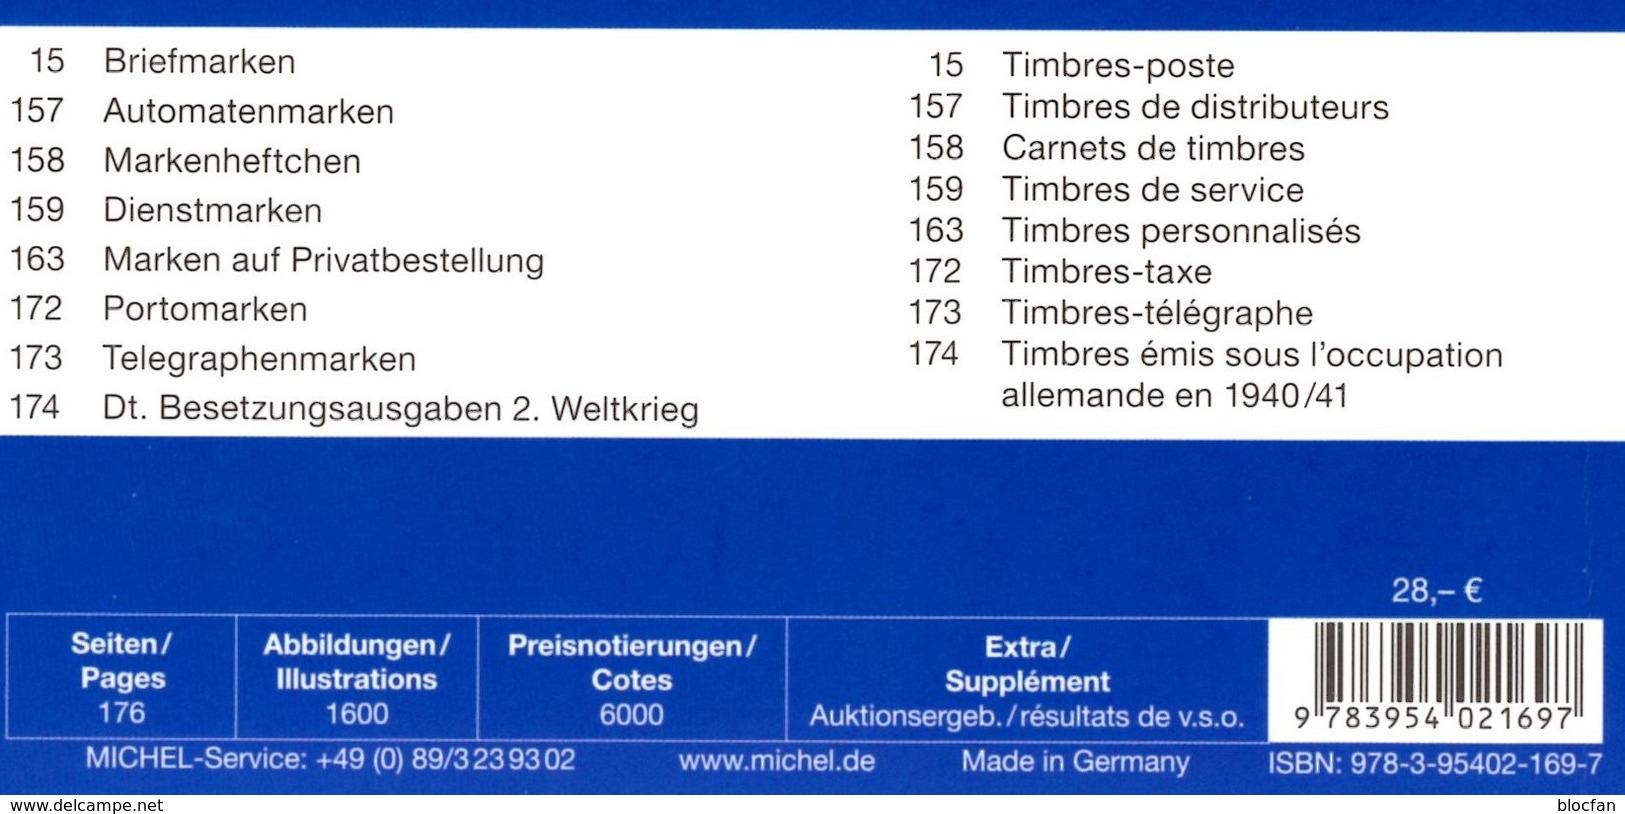 MICHEL/PRIFIX Luxemburg Briefmarken Katalog 2017 Neu 28€ Spezial: ATM MH Dienst Porto Besetzungen In Deutsch/franzö - Literatur & Software